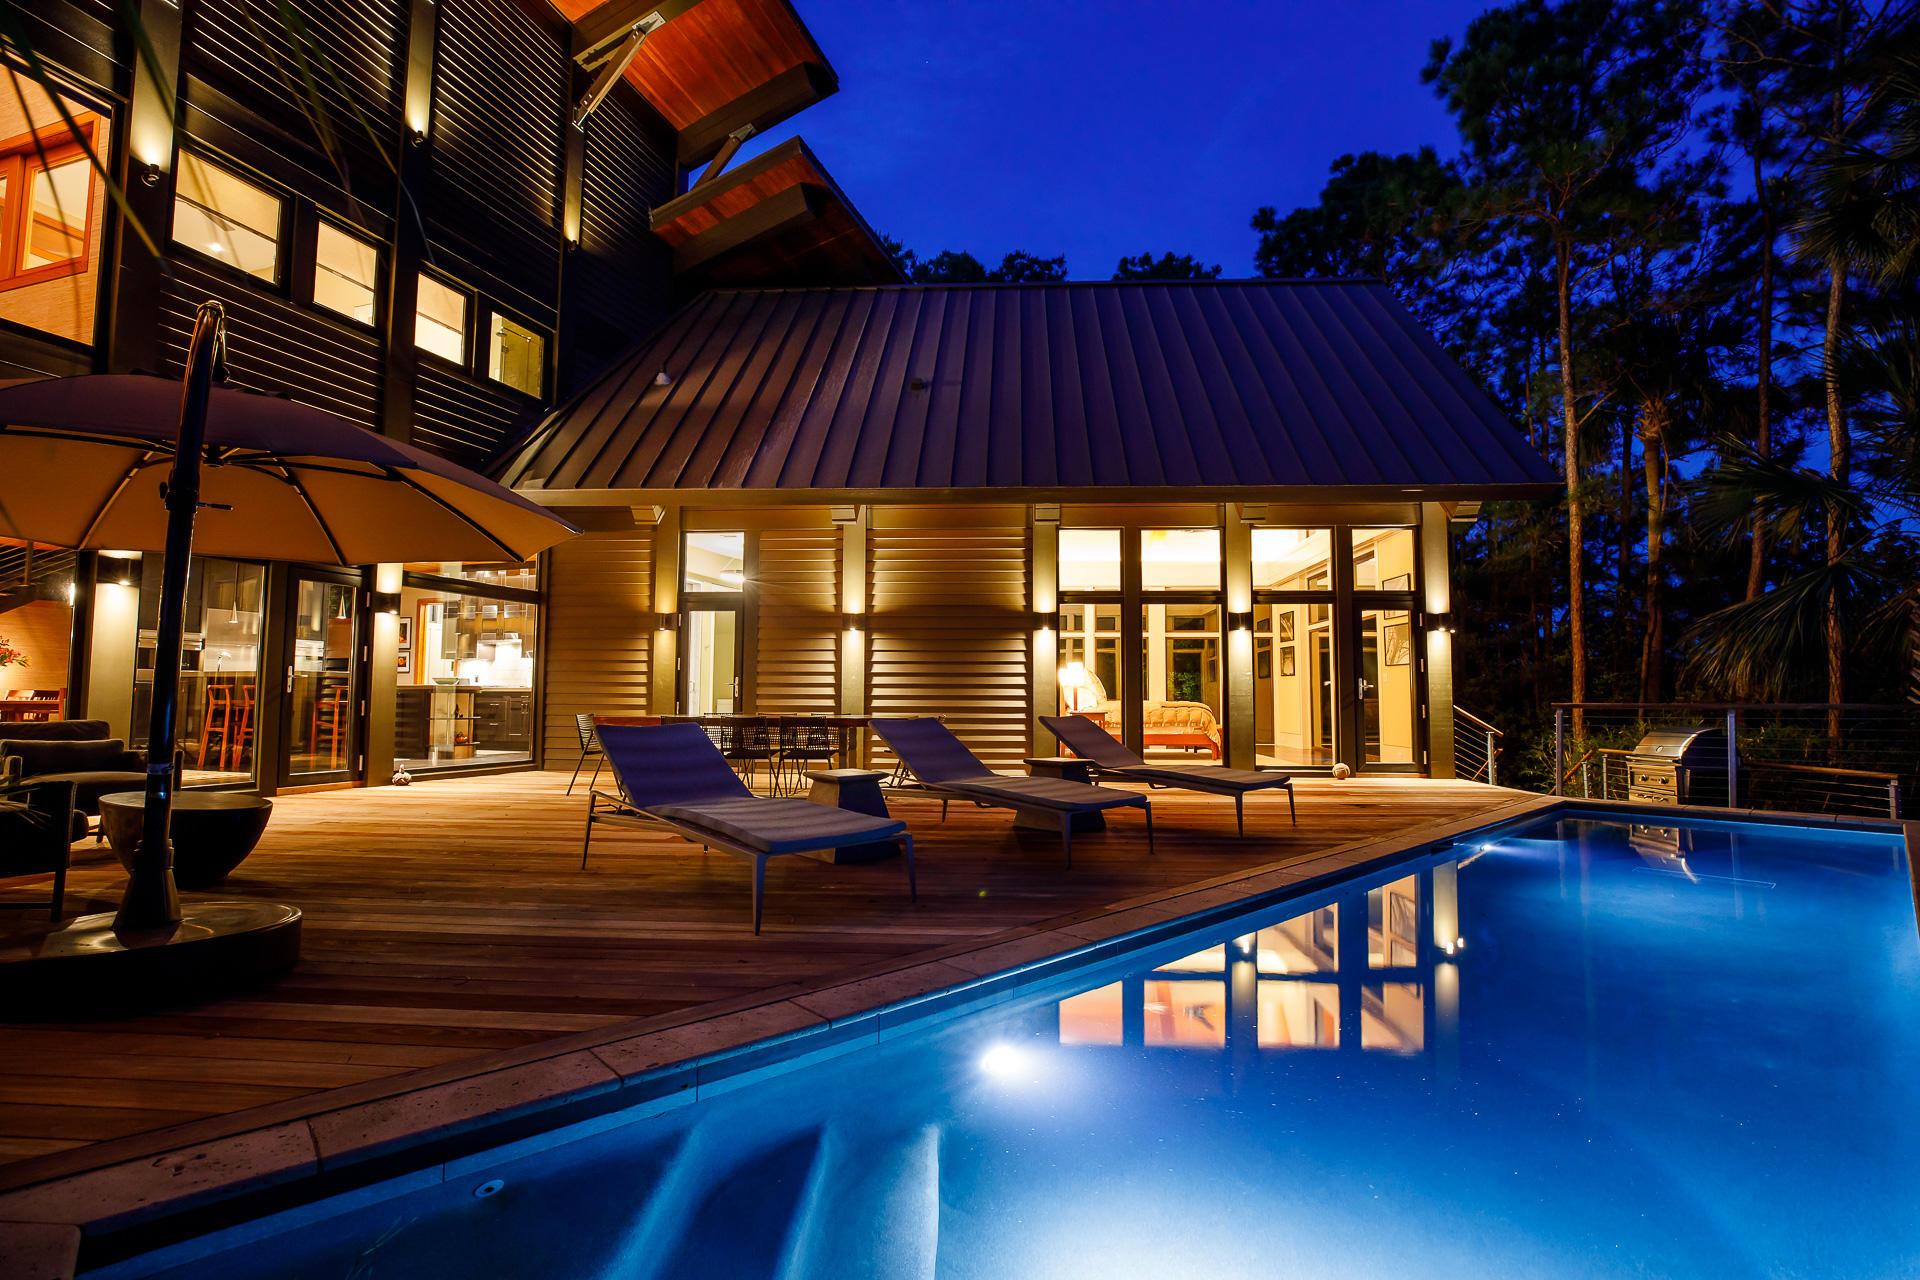 Kiawah Island Homes For Sale - 102 Blue Heron Pond, Kiawah Island, SC - 9